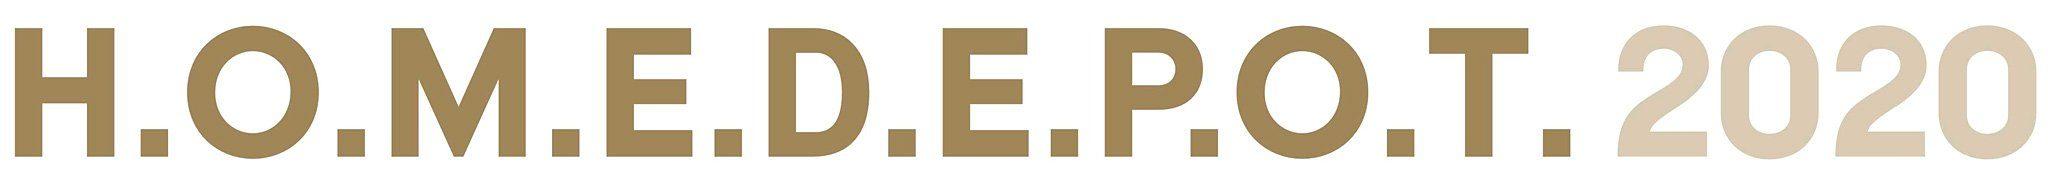 H.O.M.E.D.E.P.O.T. 2020 Logo